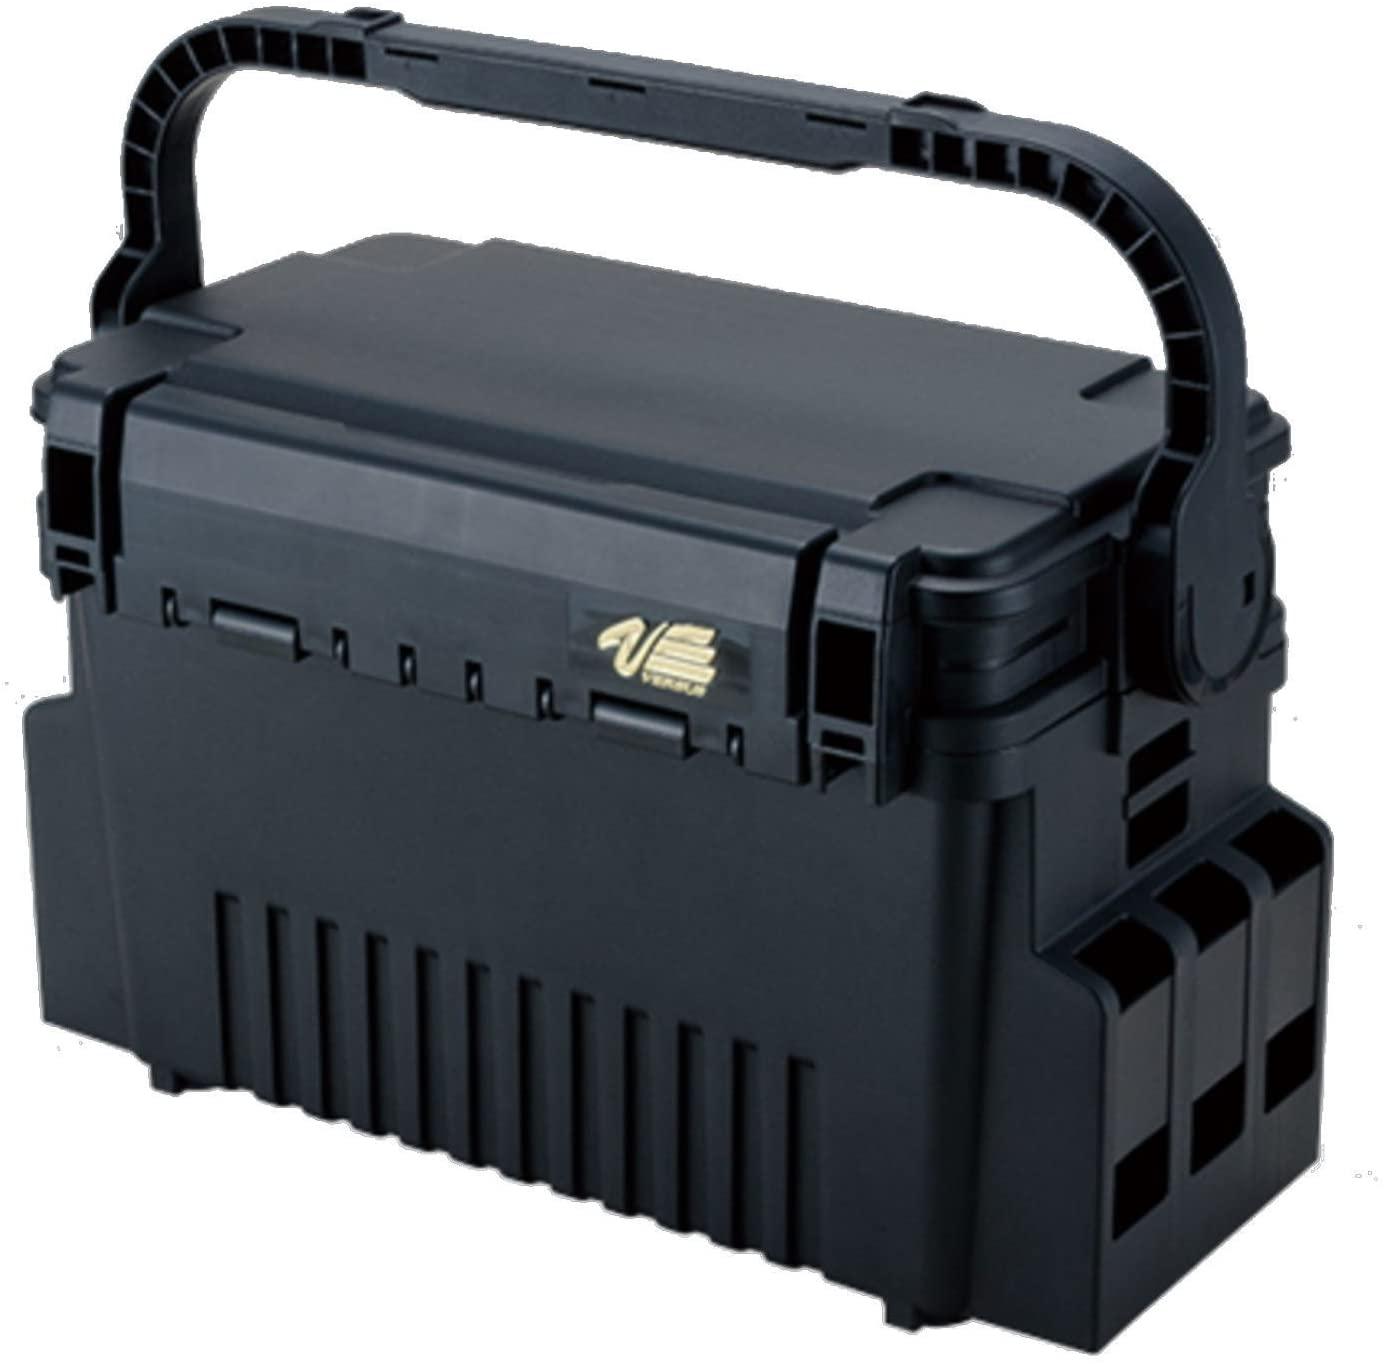 8.예상수령일 2-6일 이내 명보 (MEIHO) MEIHO (명보) 란간 시스템 박스 VS-7070 태클 박스 B00F669KBI 일, Select Option